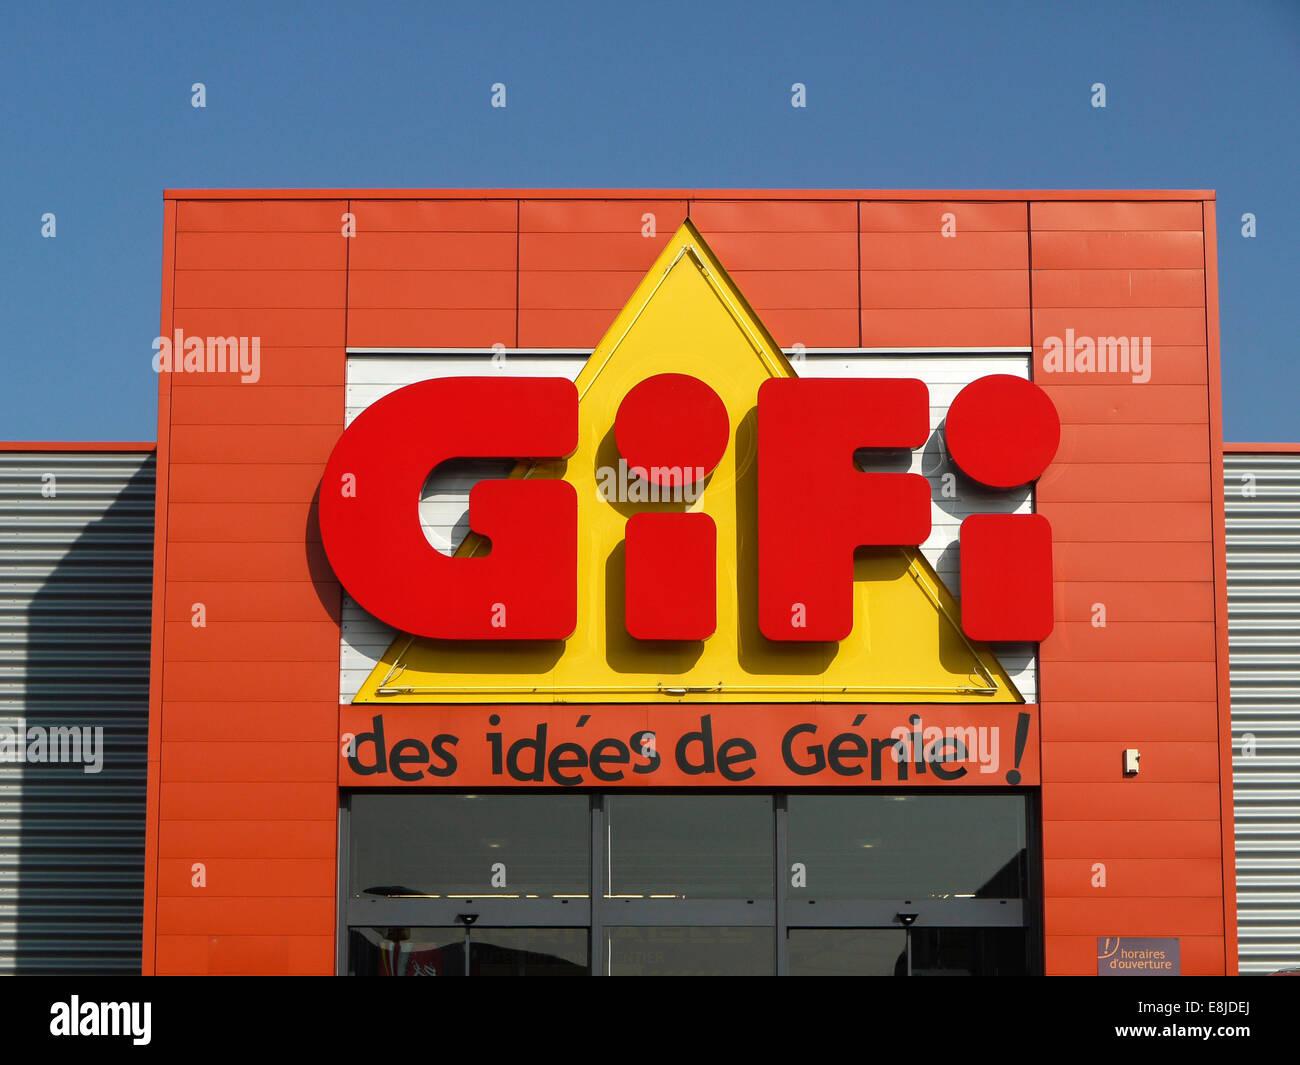 """'Gifi' zu speichern. """"Engineering-Ideen"""" Stockbild"""